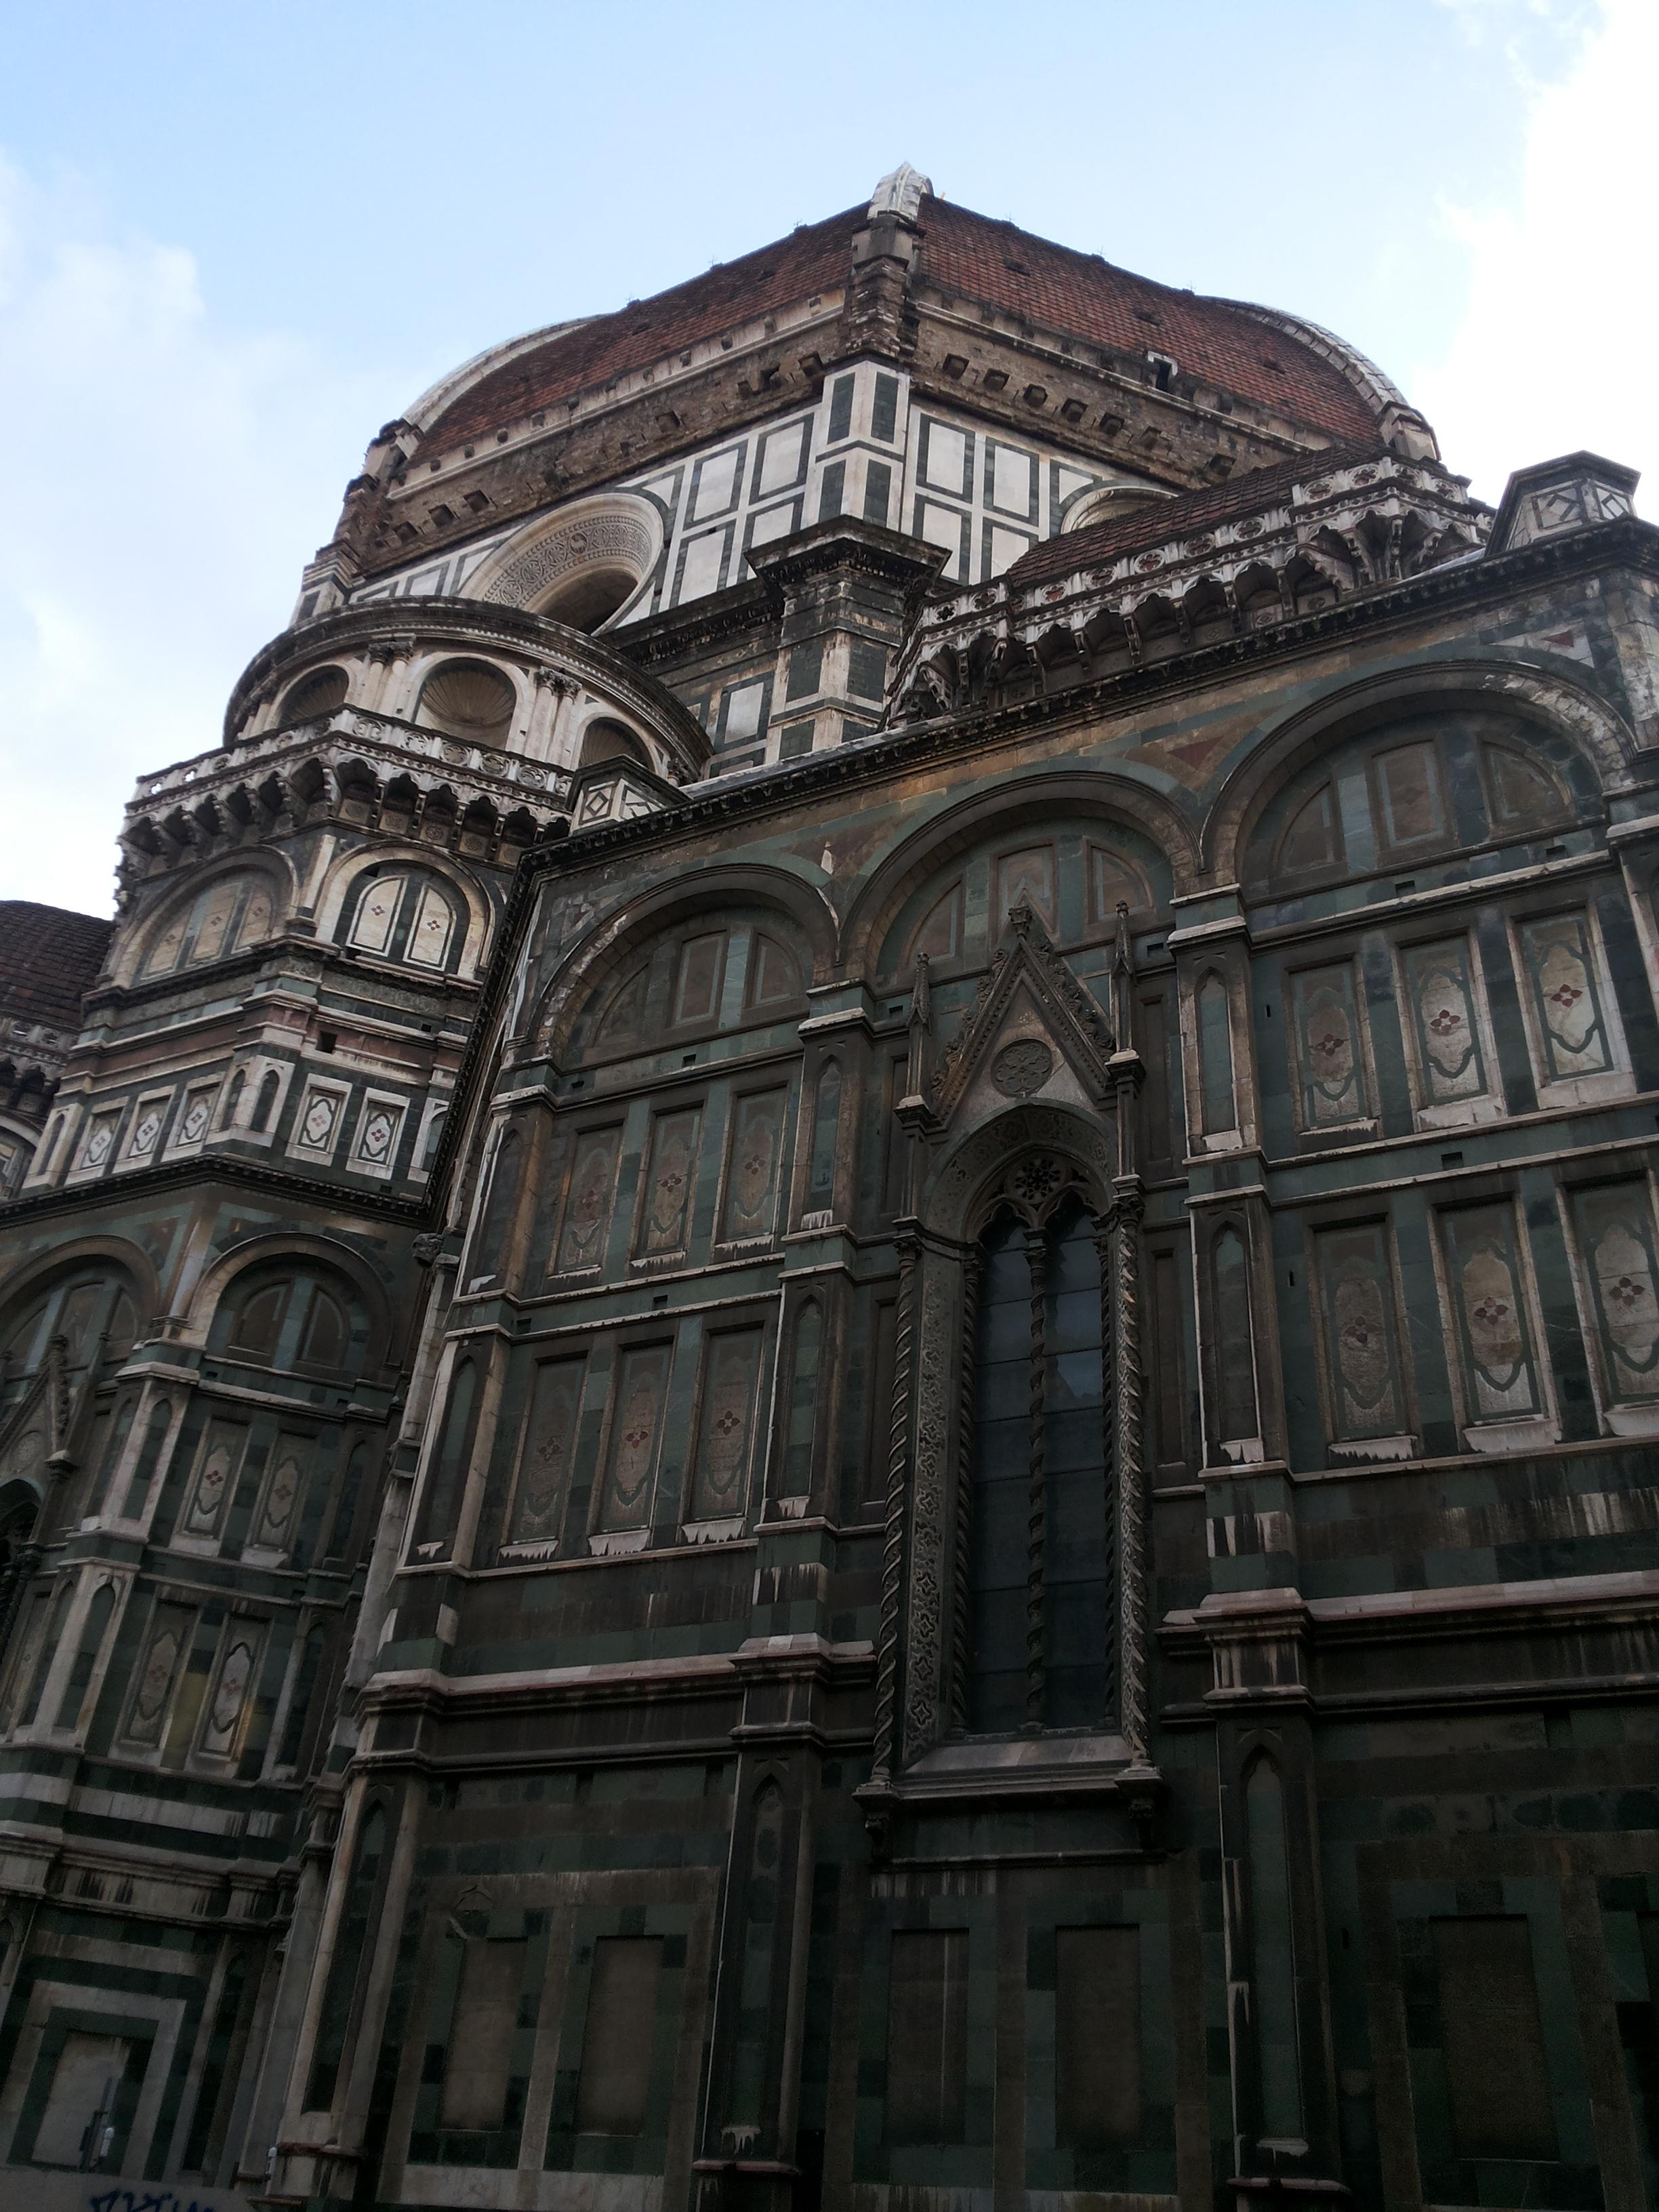 Florença, um museu a céu aberto